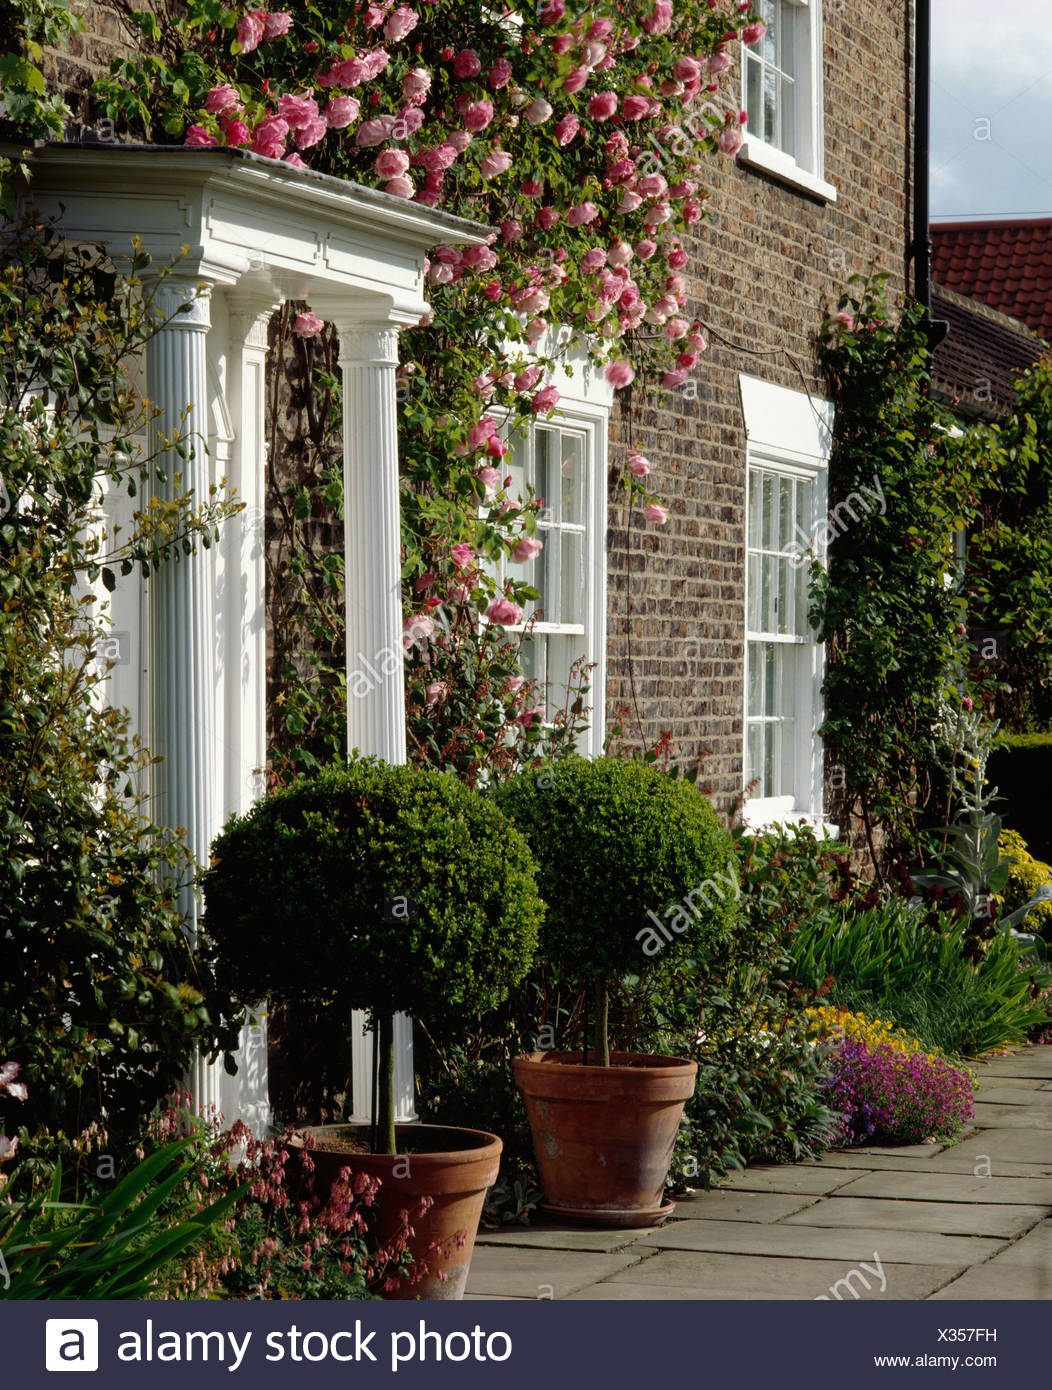 Rosa Rampicante In Vaso ritagliato arbusti in vasi di terracotta su entrambi i lati